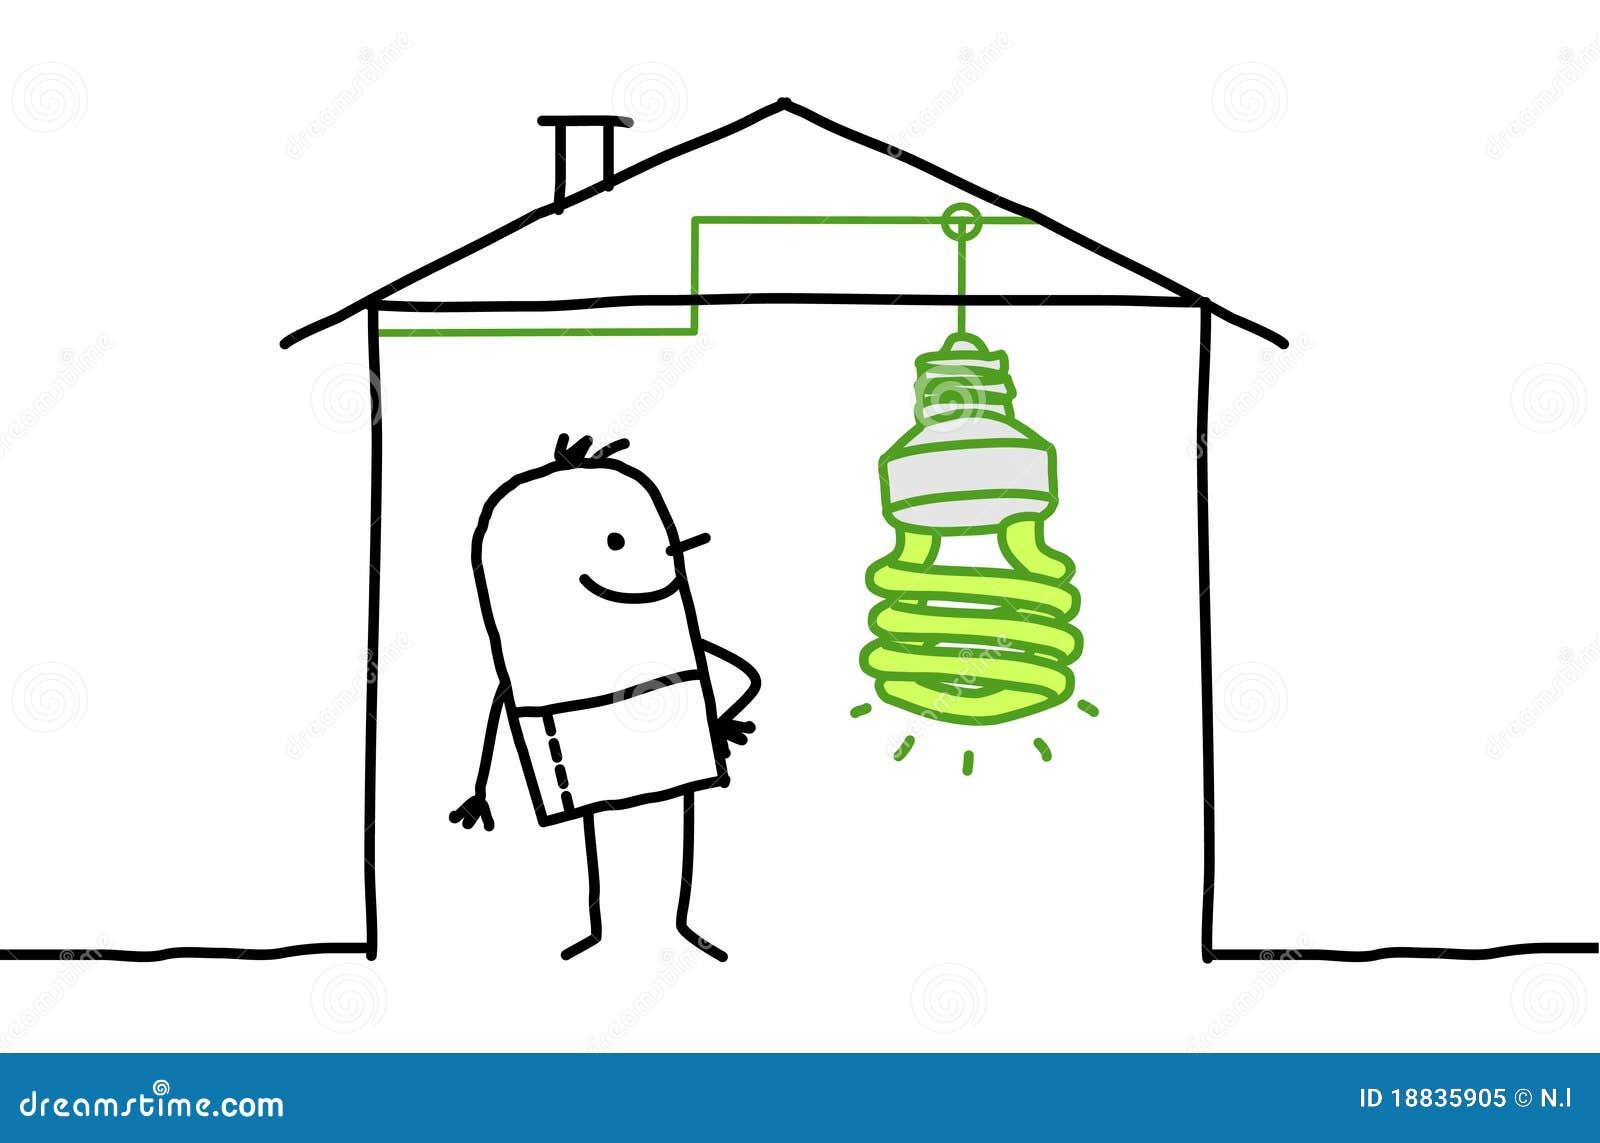 Hombre en casa y luz verde ilustraci n del vector imagen - Luz pulsada en casa ...